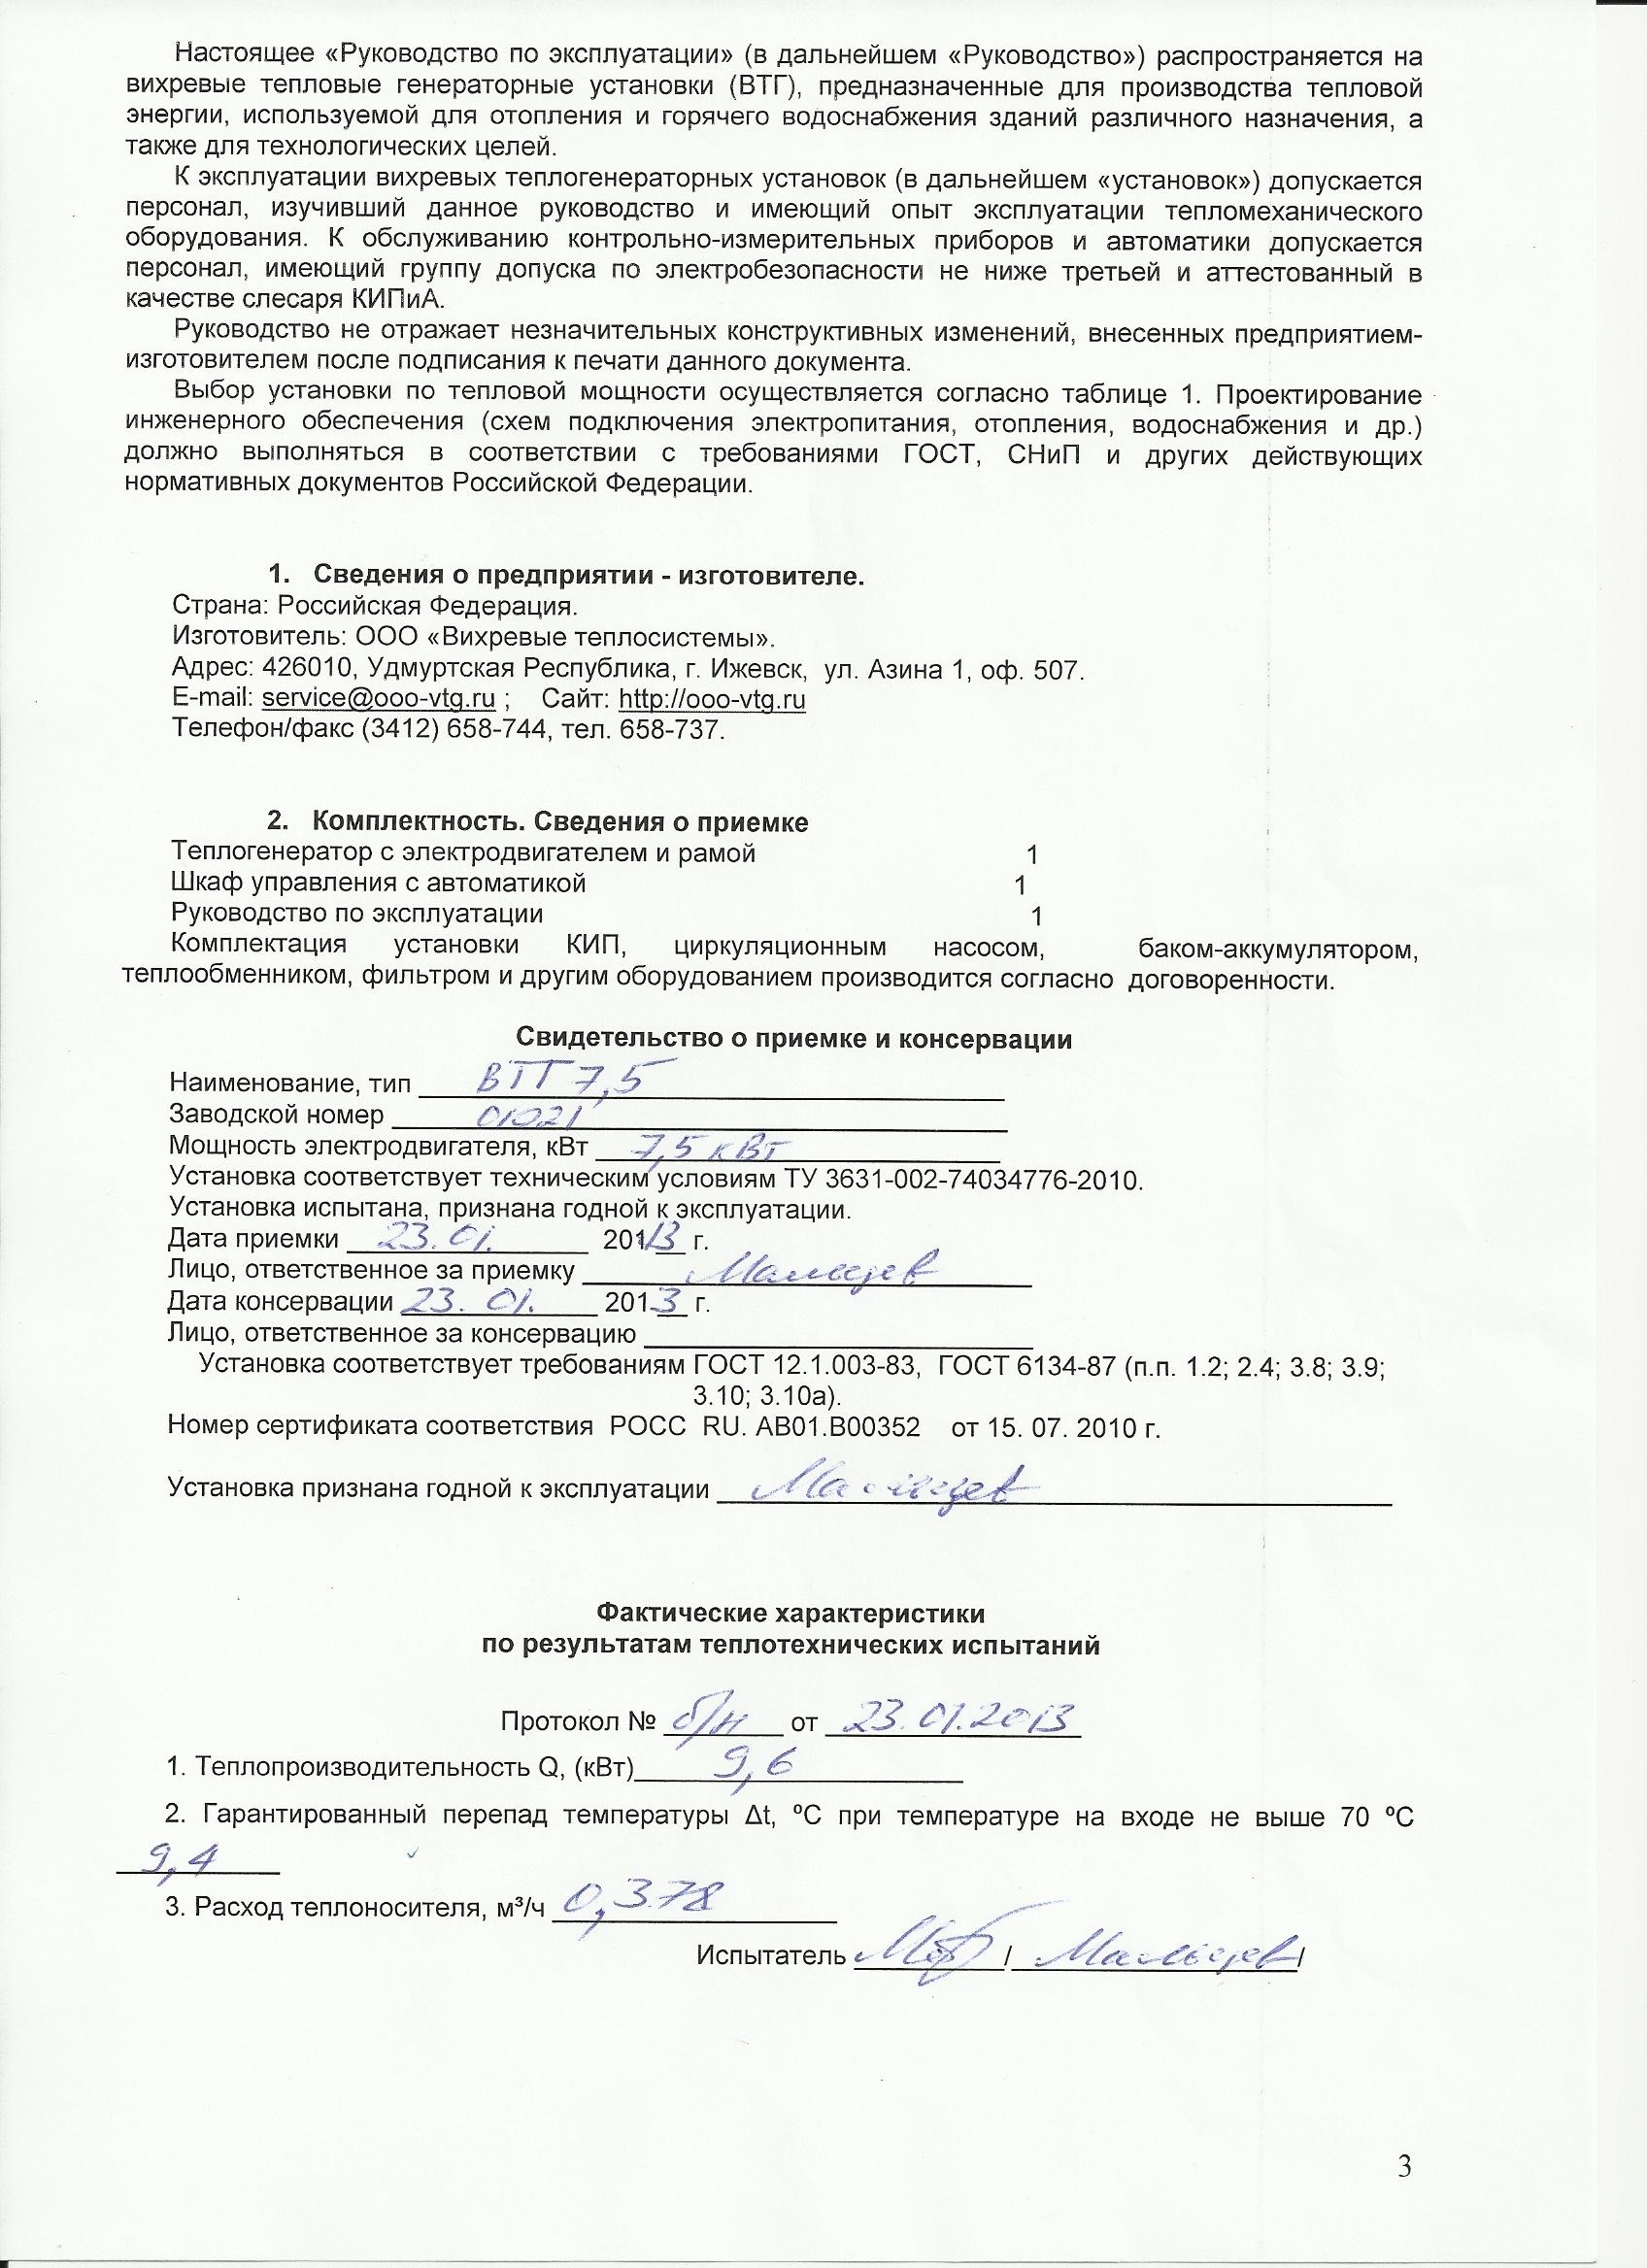 Теплогенераторы Потапова и Фоминского - правда или выдумка?